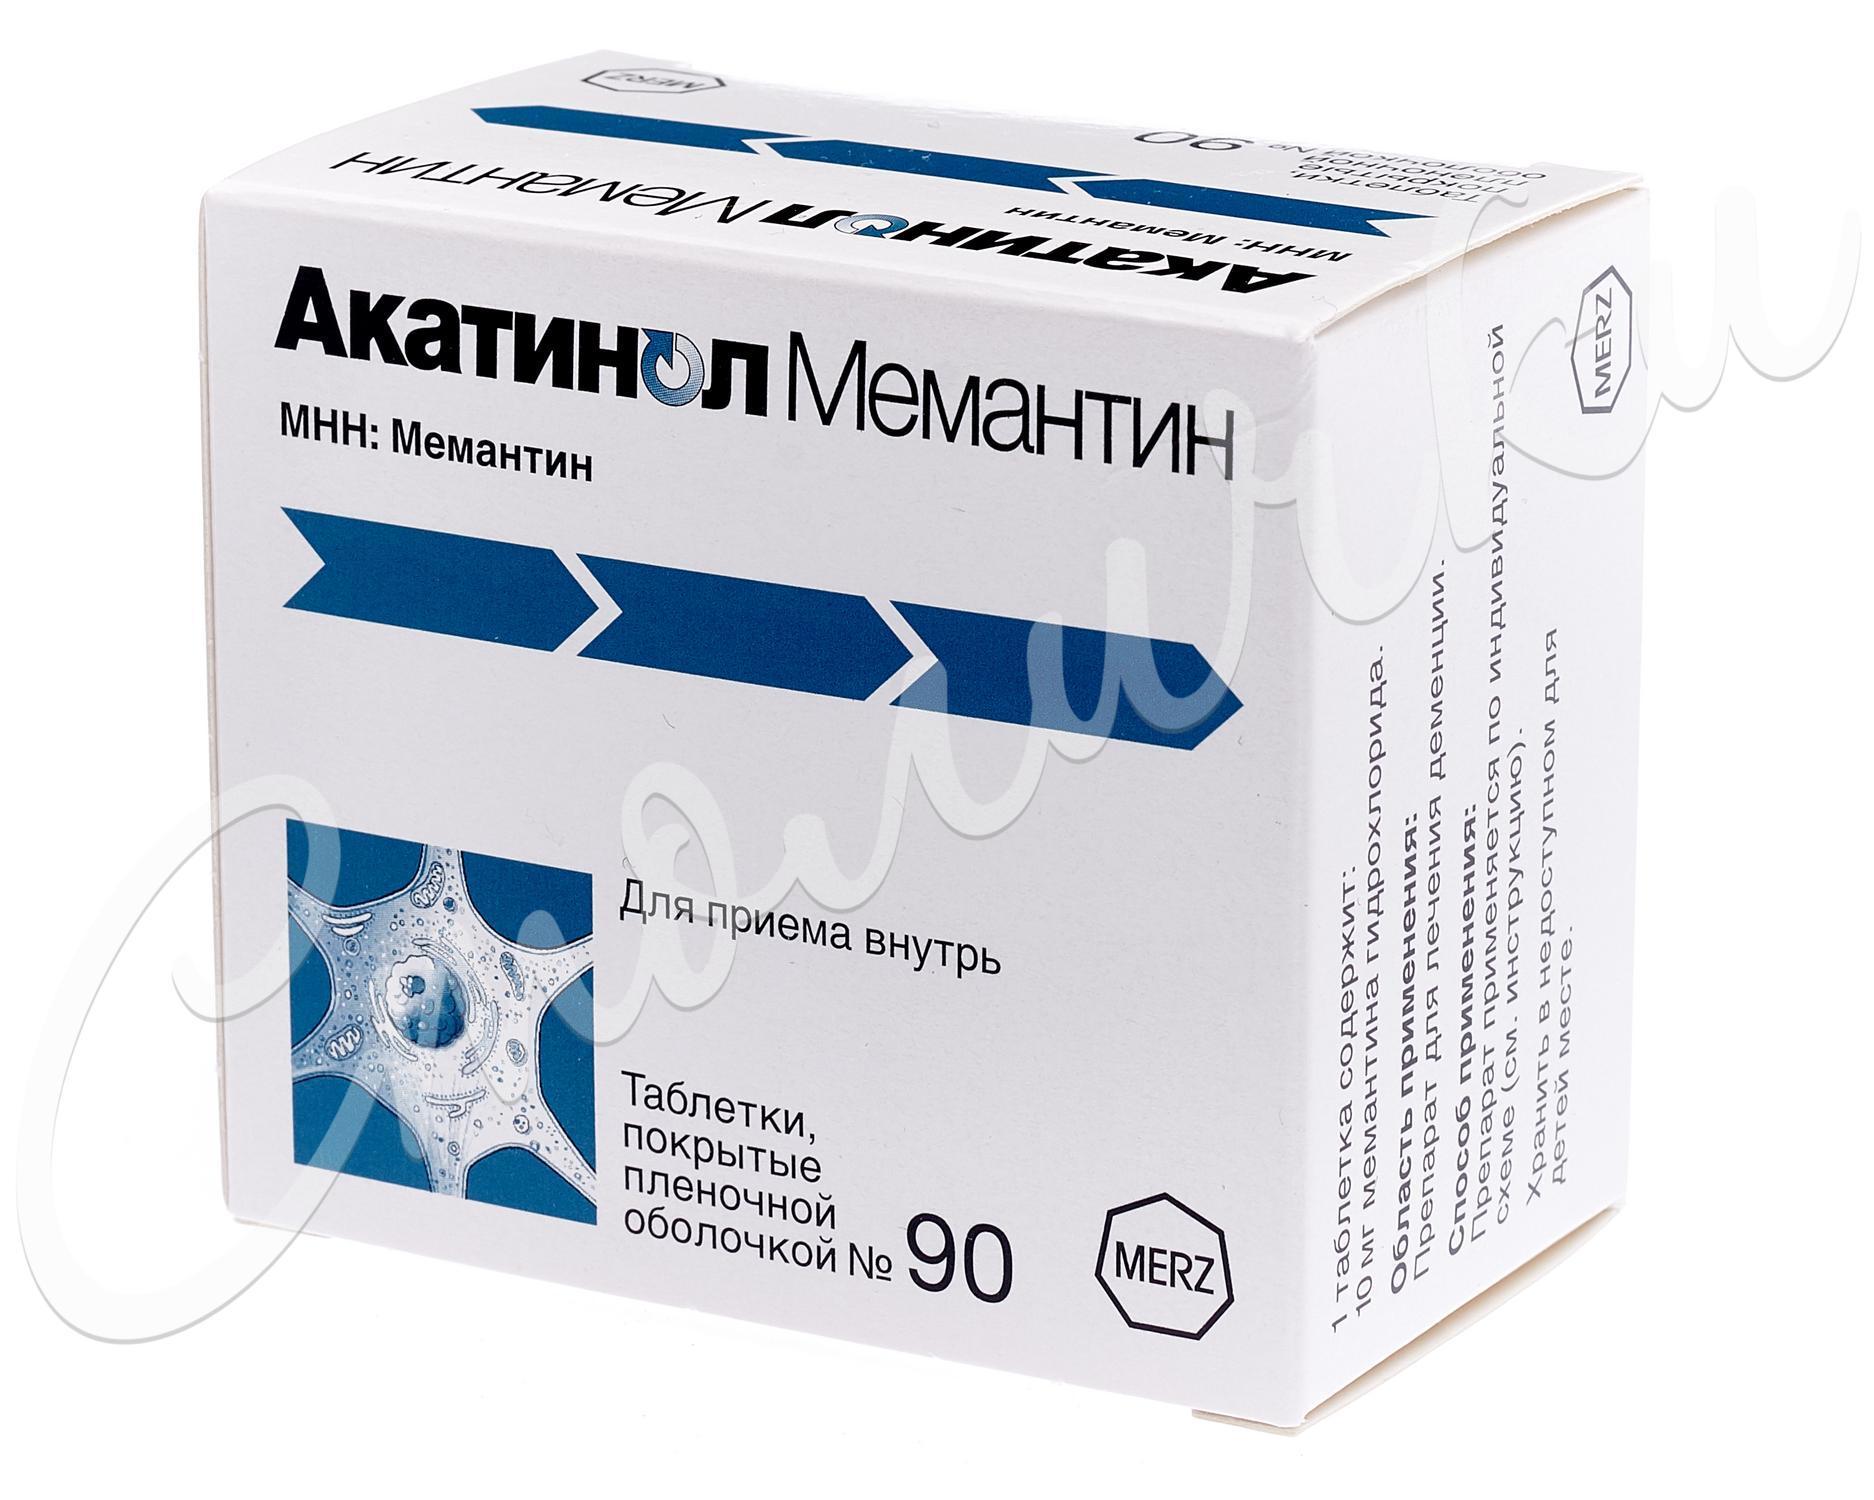 Акатинол мемантин - инструкция по применению, цена, аналоги, дозировка для взрослых и детей